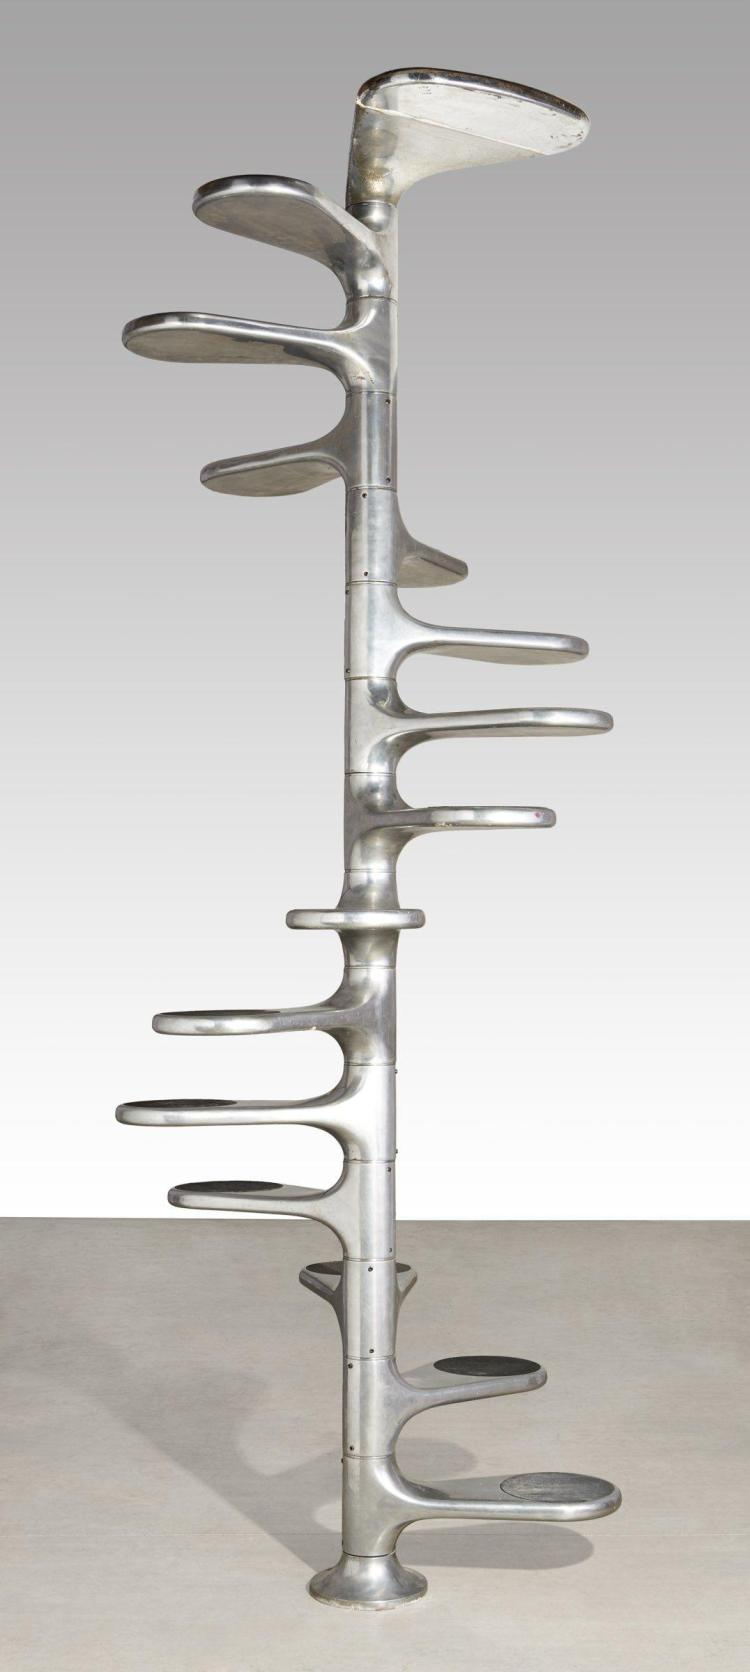 Roger tallon 1929 2011 escalier h lico dal cr ation 19 - Escalier roger tallon ...